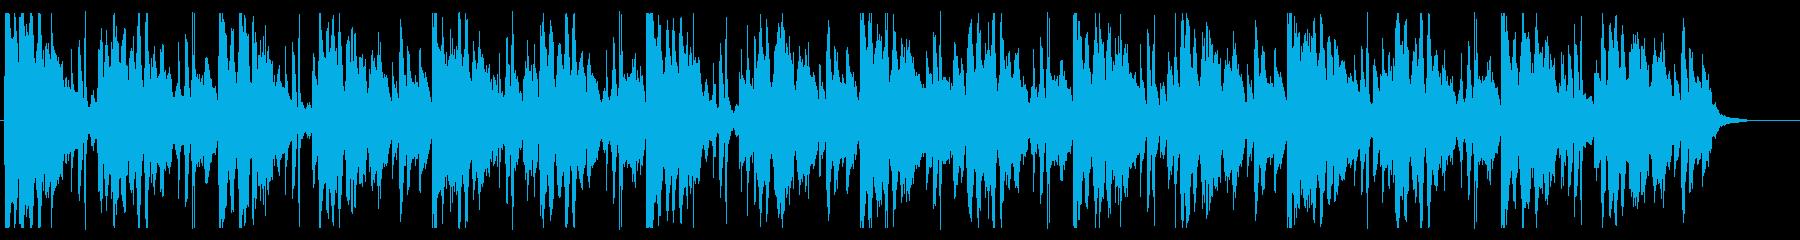 海/生演奏/R&B_No607_4の再生済みの波形